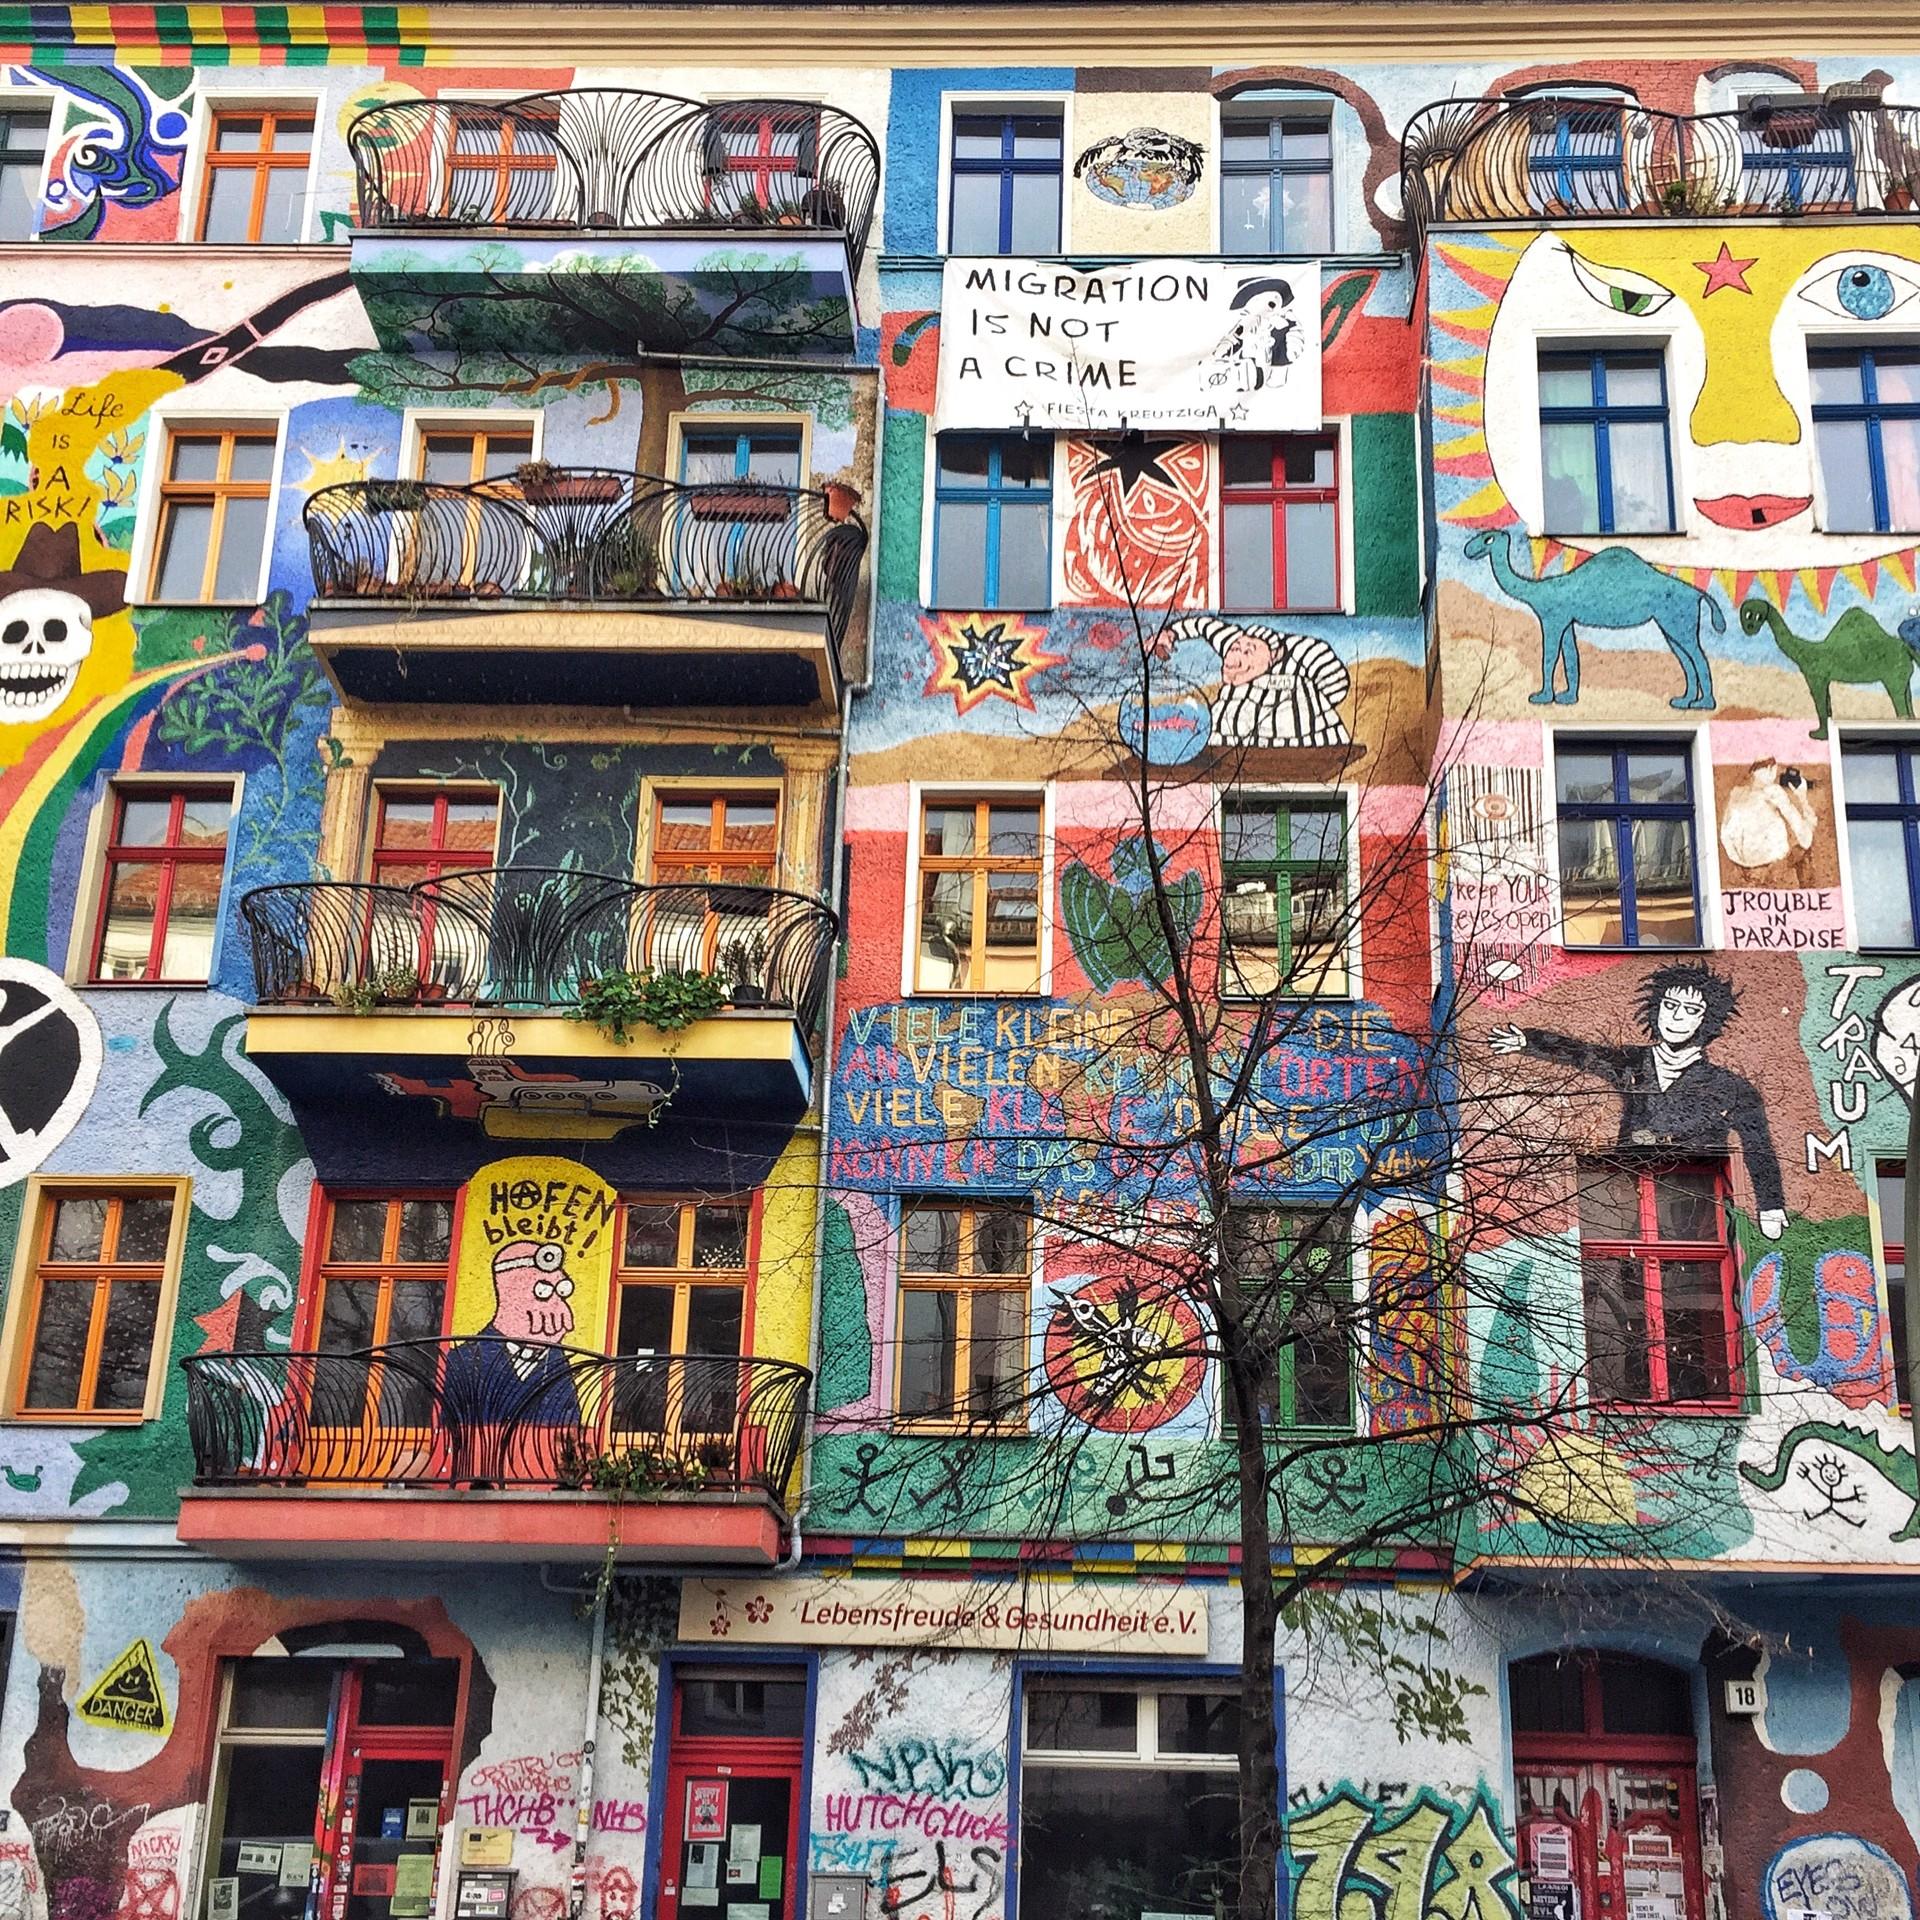 Berlino gratis: tutto ciò che potete visitare gratuitamente